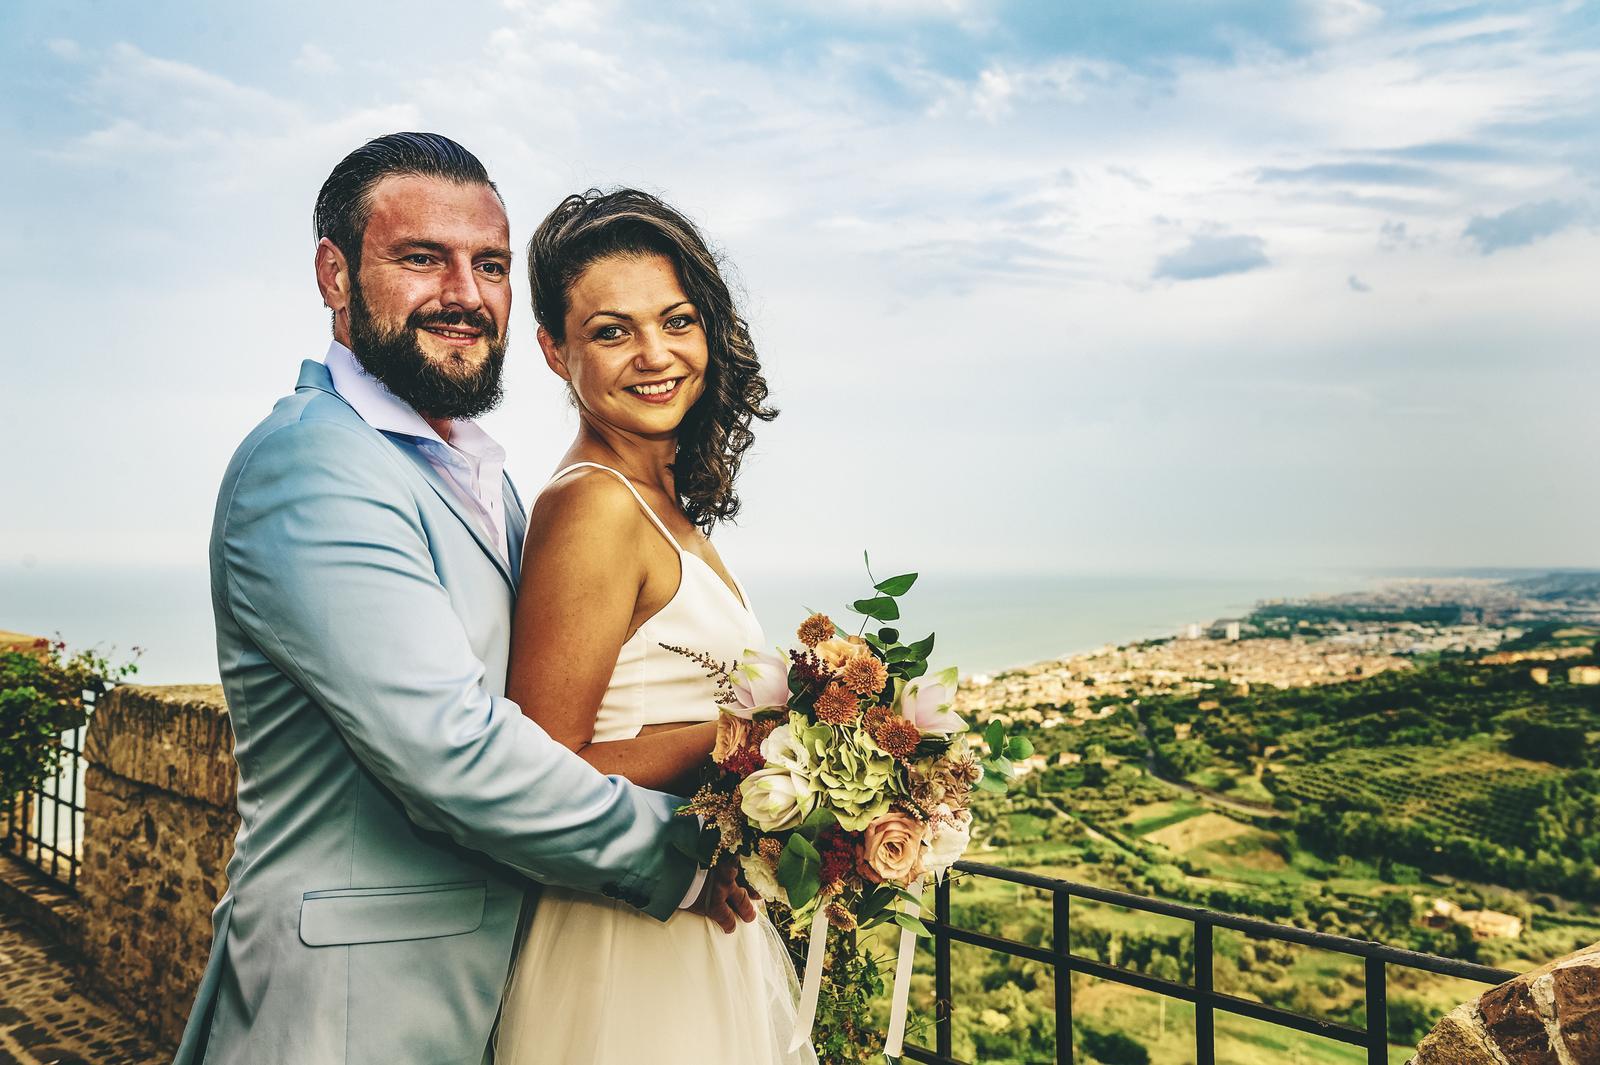 Svatby roku 2019 - Obrázek č. 6